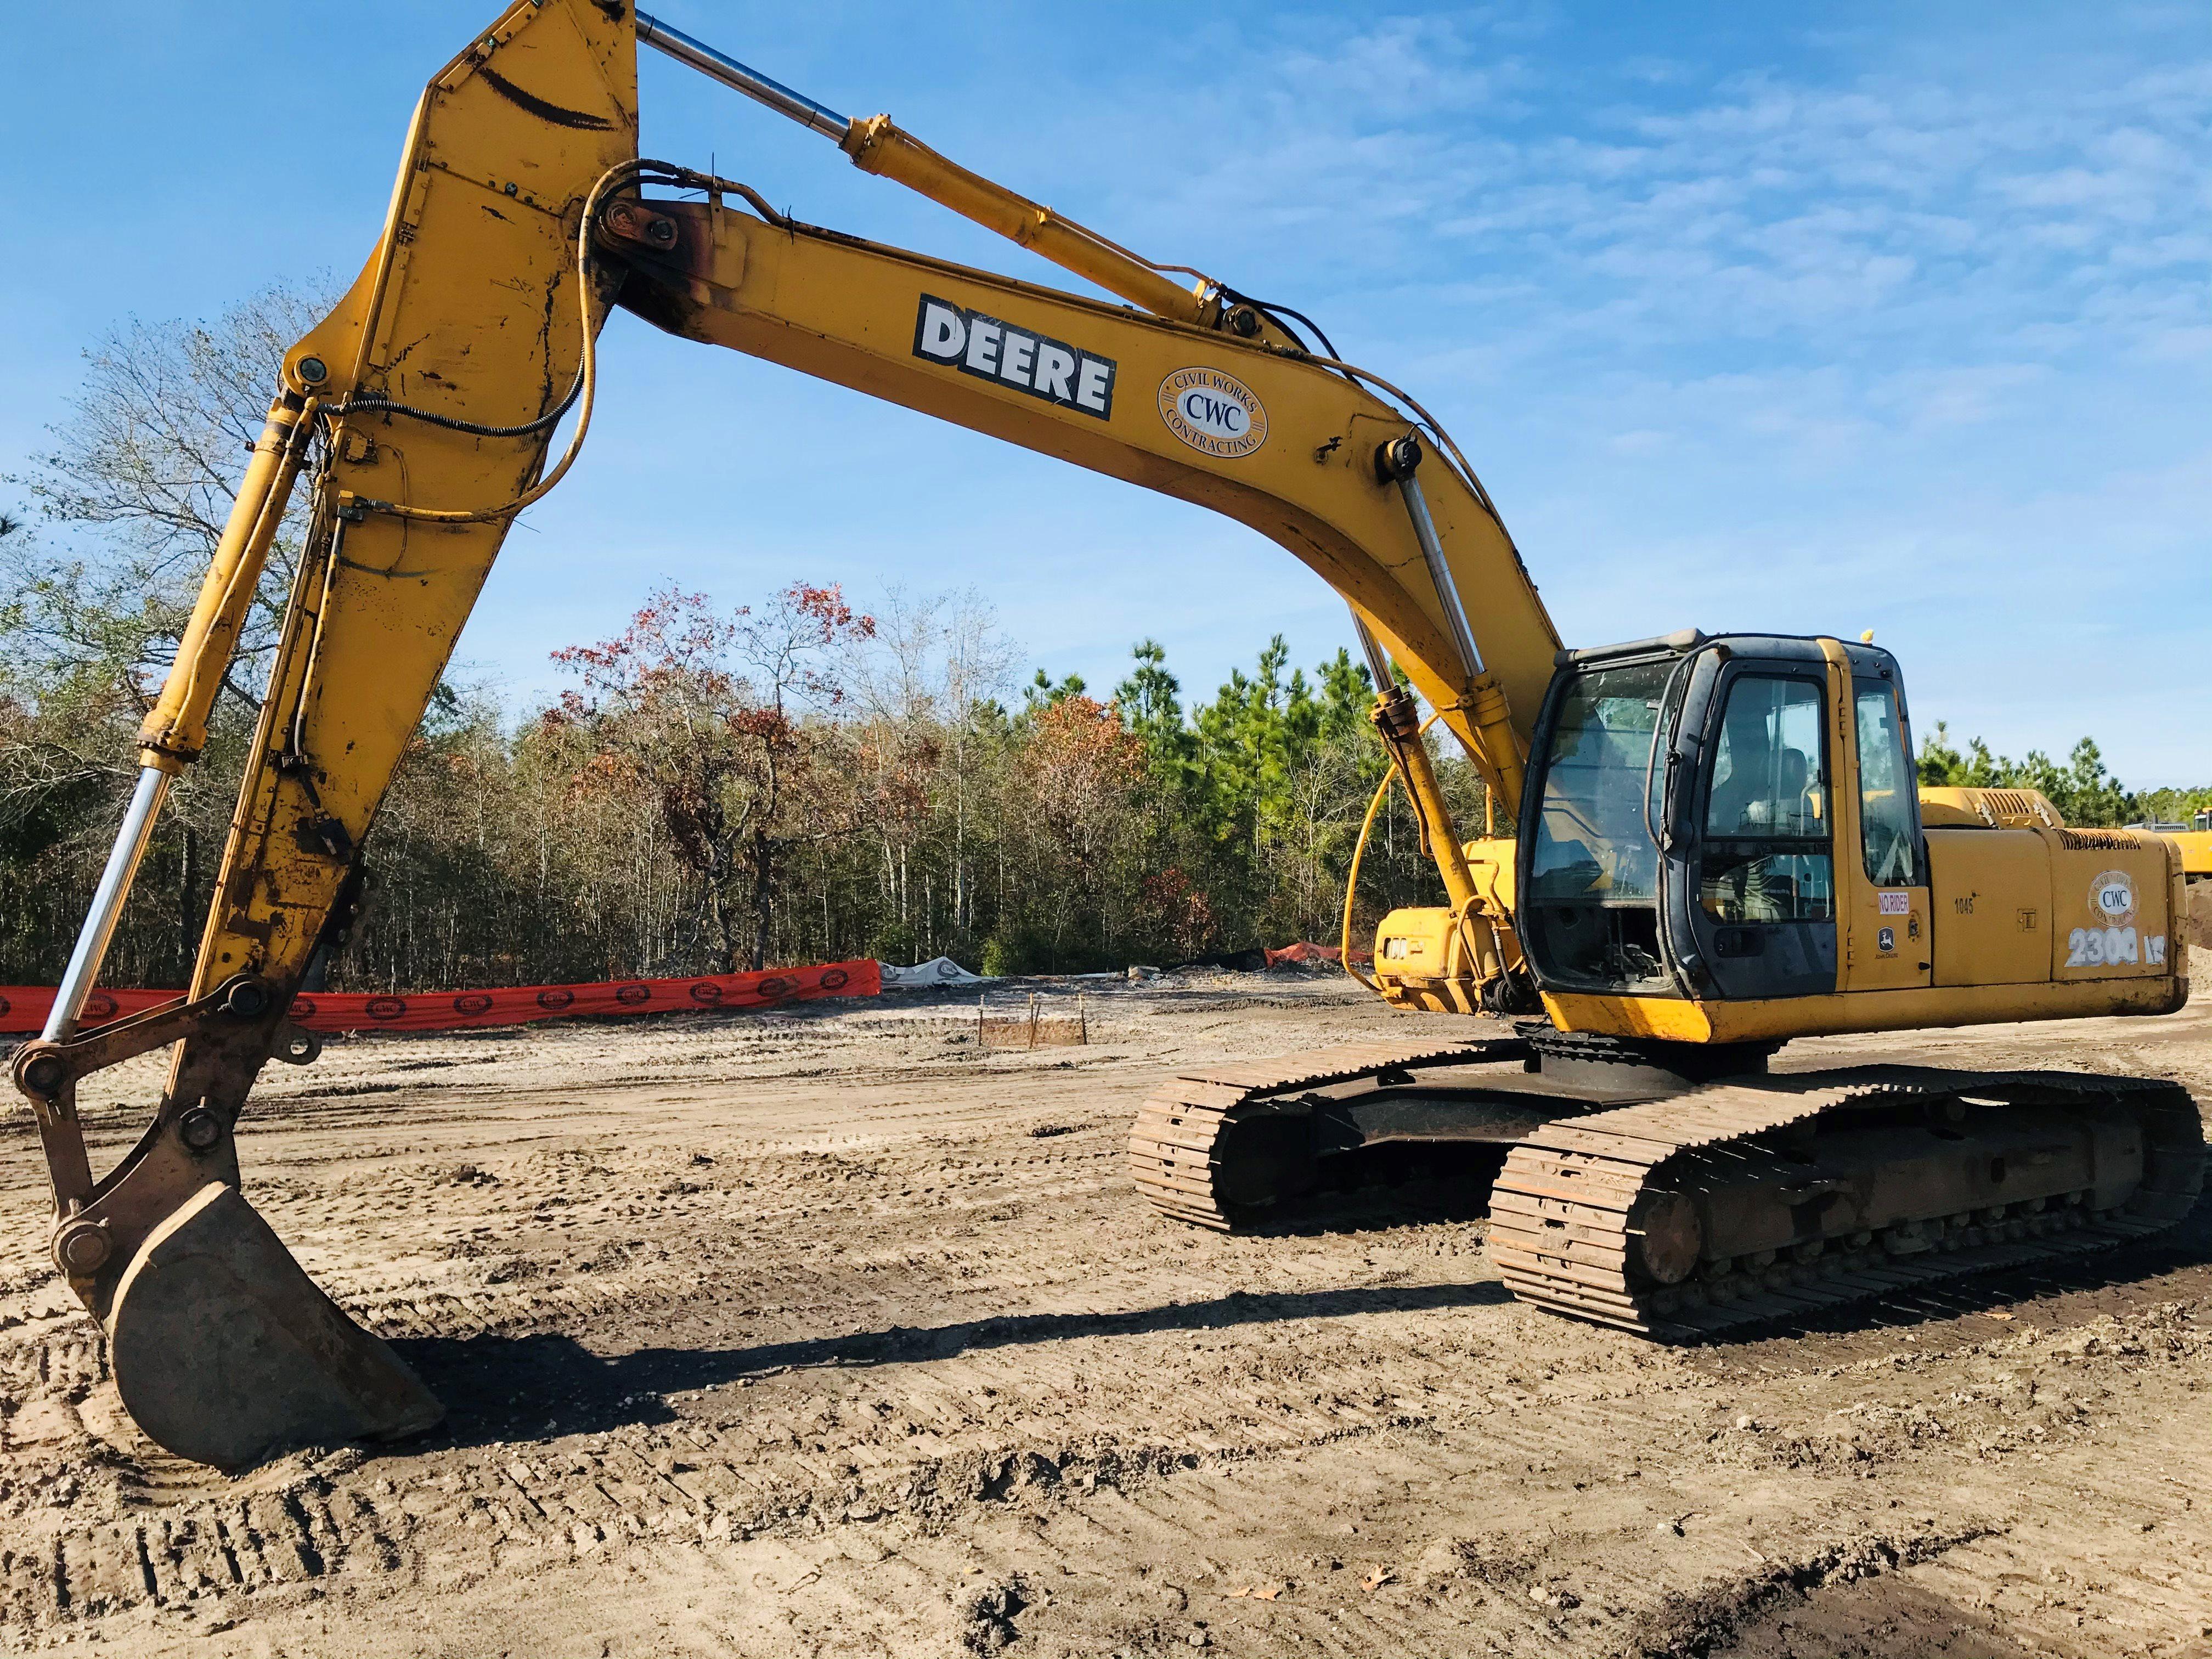 2003 John Deere 230C LC excavator